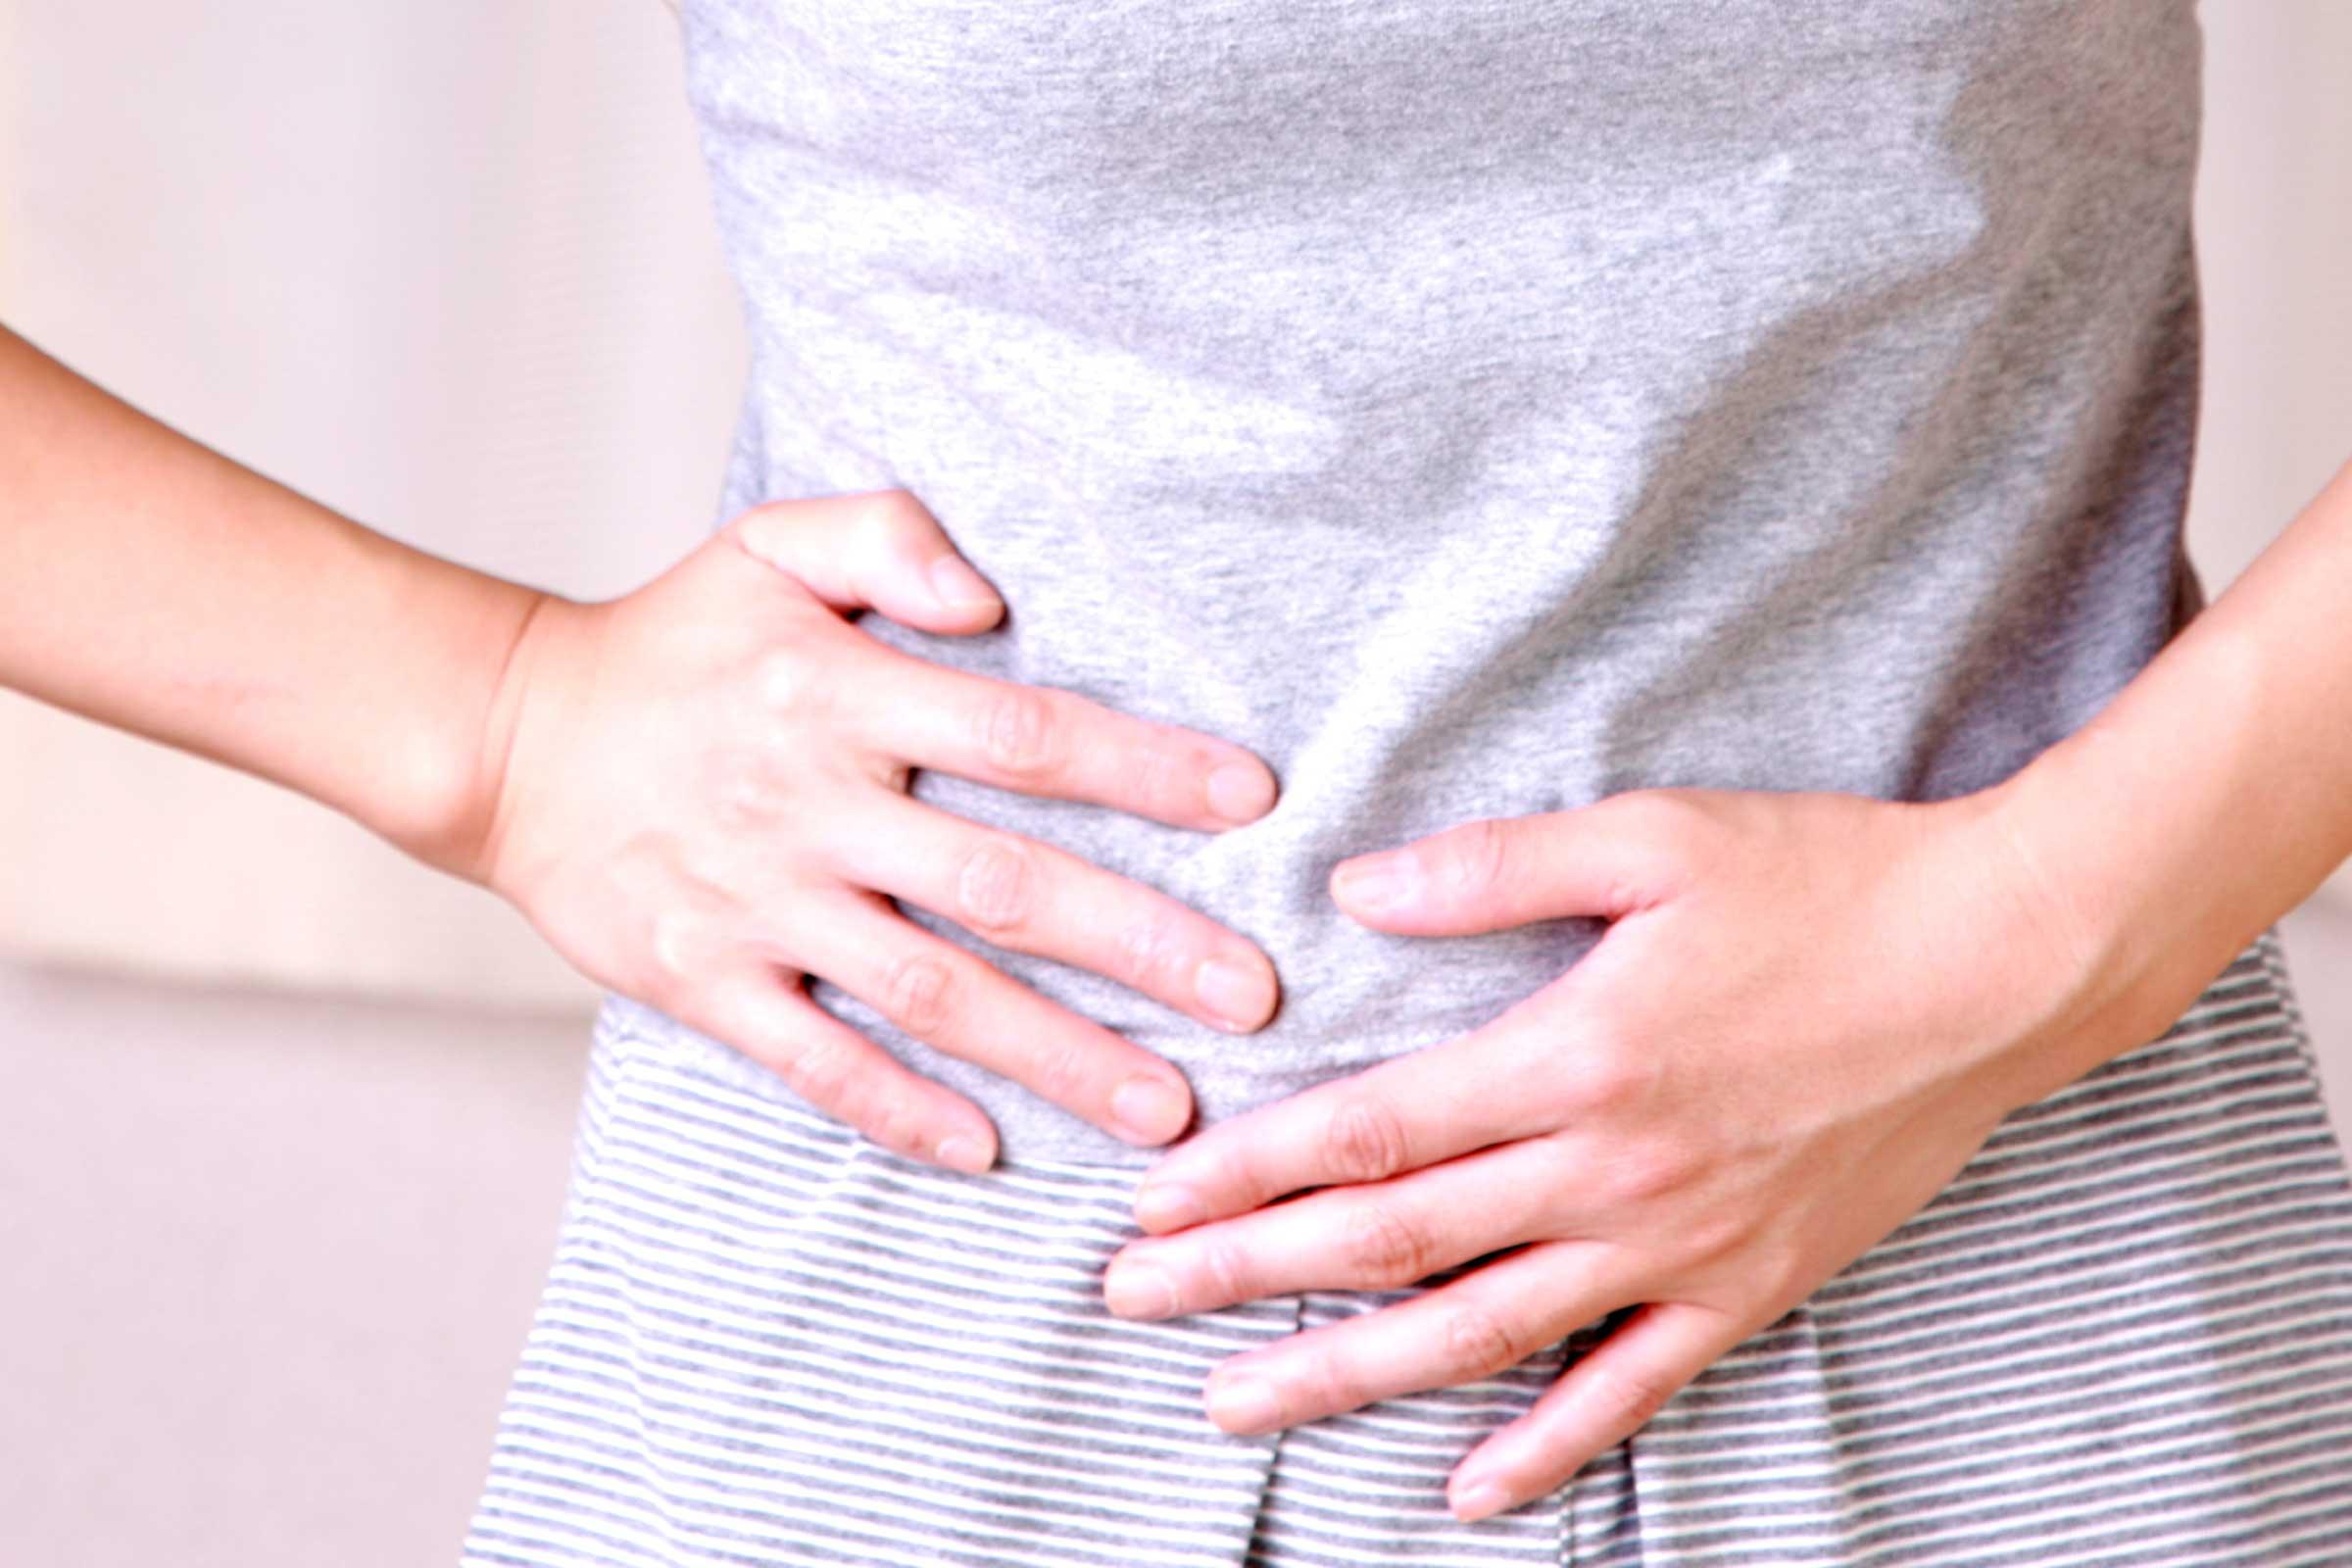 Болит желудок: причины, симптомы, первая помощь при болях, лечение лекарствами, травами и народными средствами, к какому врачу обращаться. Что можно и что нельзя есть, когда болит желудок: диета. Как понять — болит ли желудок, сердце или поджелудочная железа изоражения